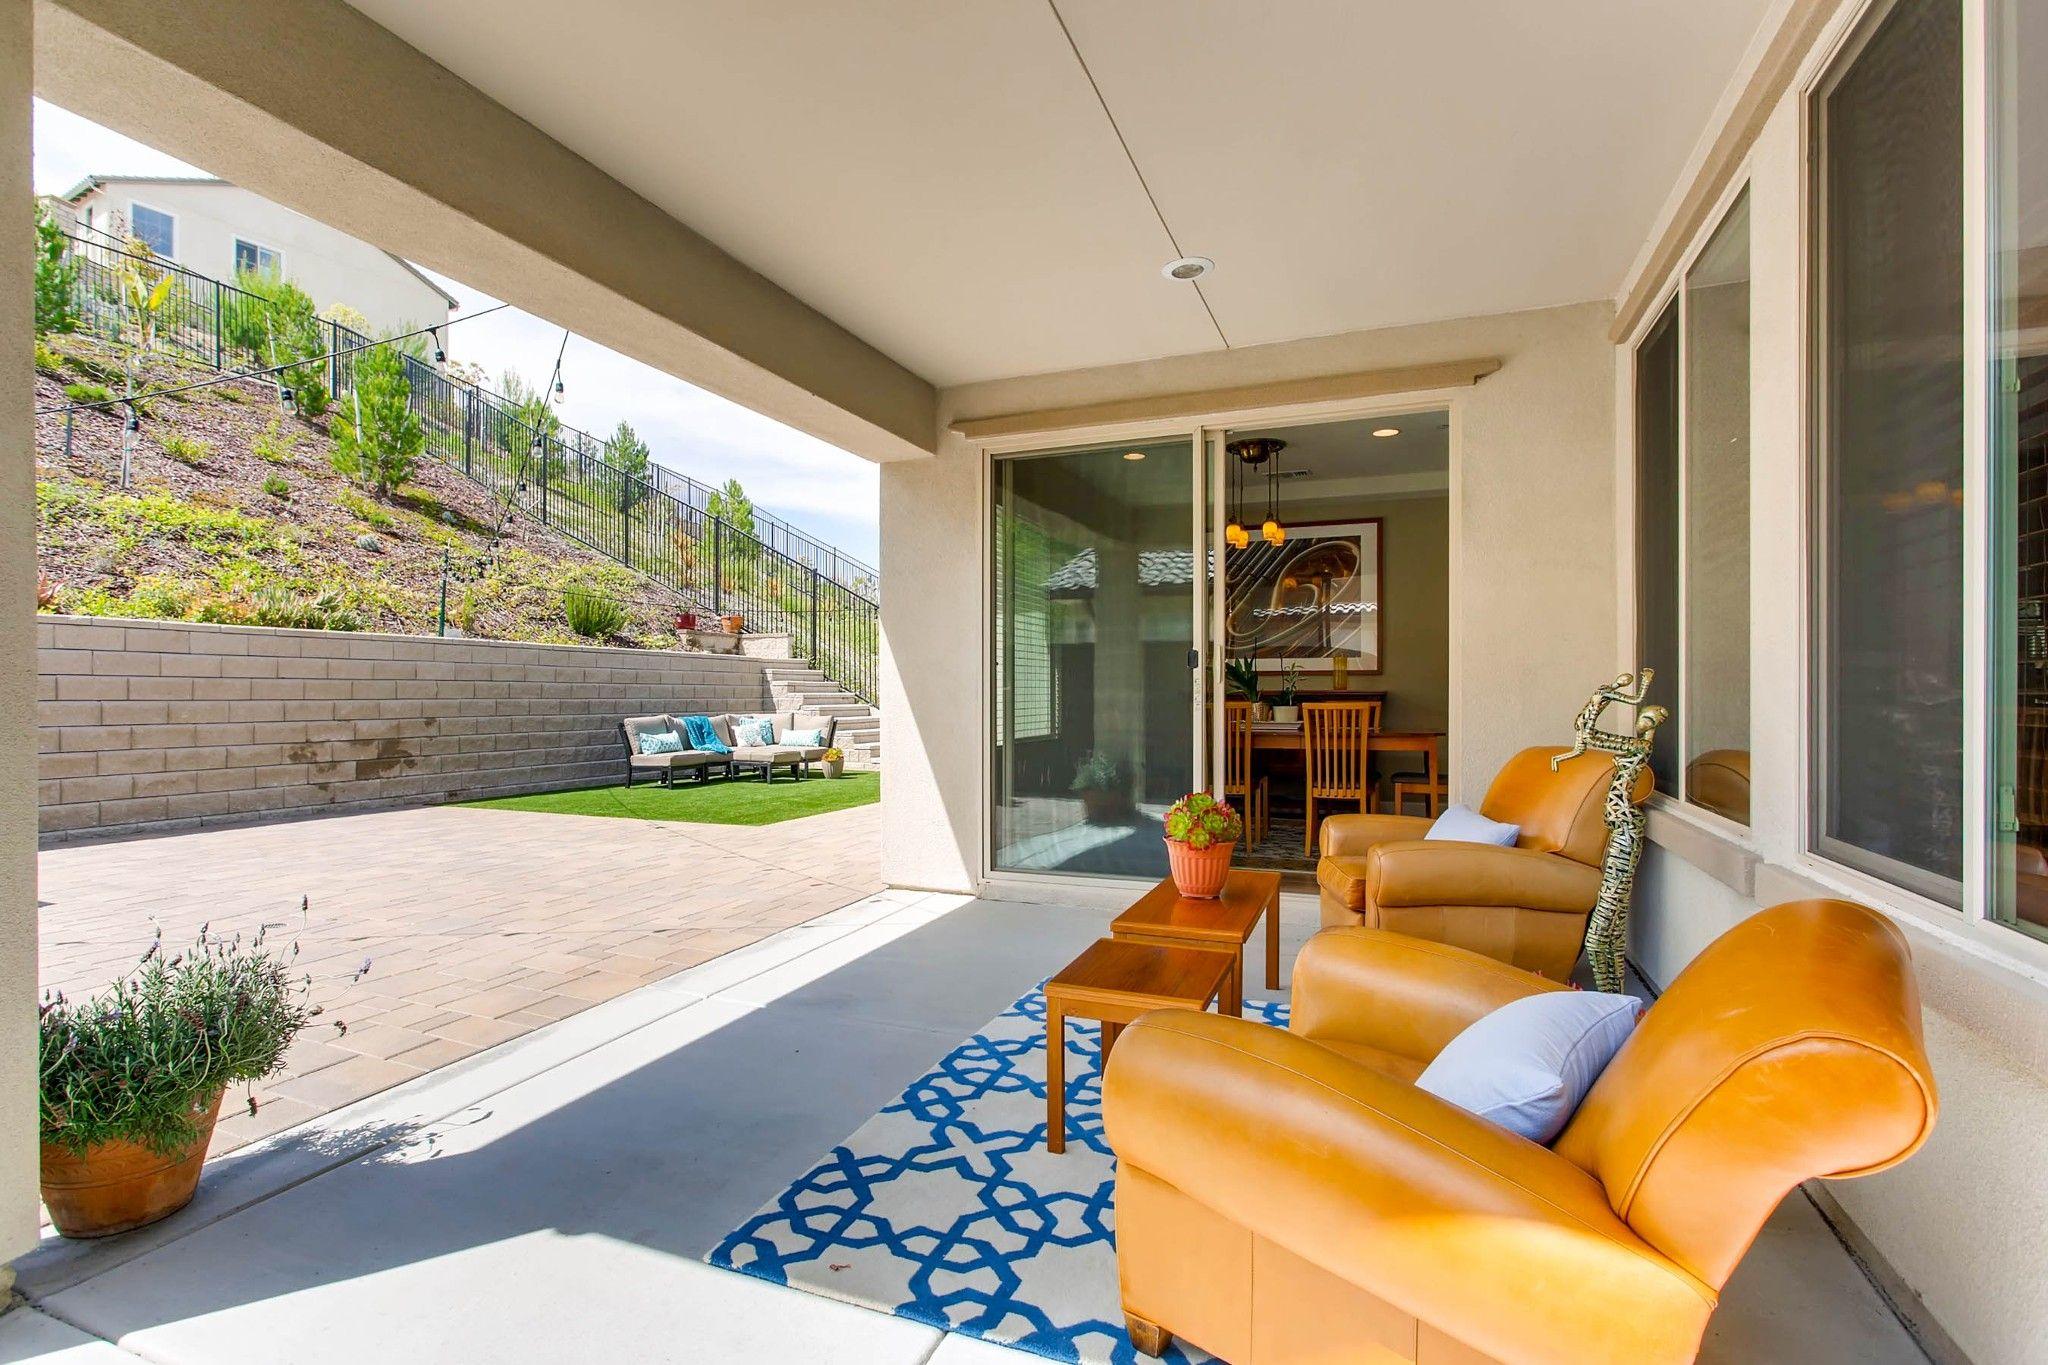 Photo 28: Photos: Residential for sale : 5 bedrooms : 443 Machado Way in Vista